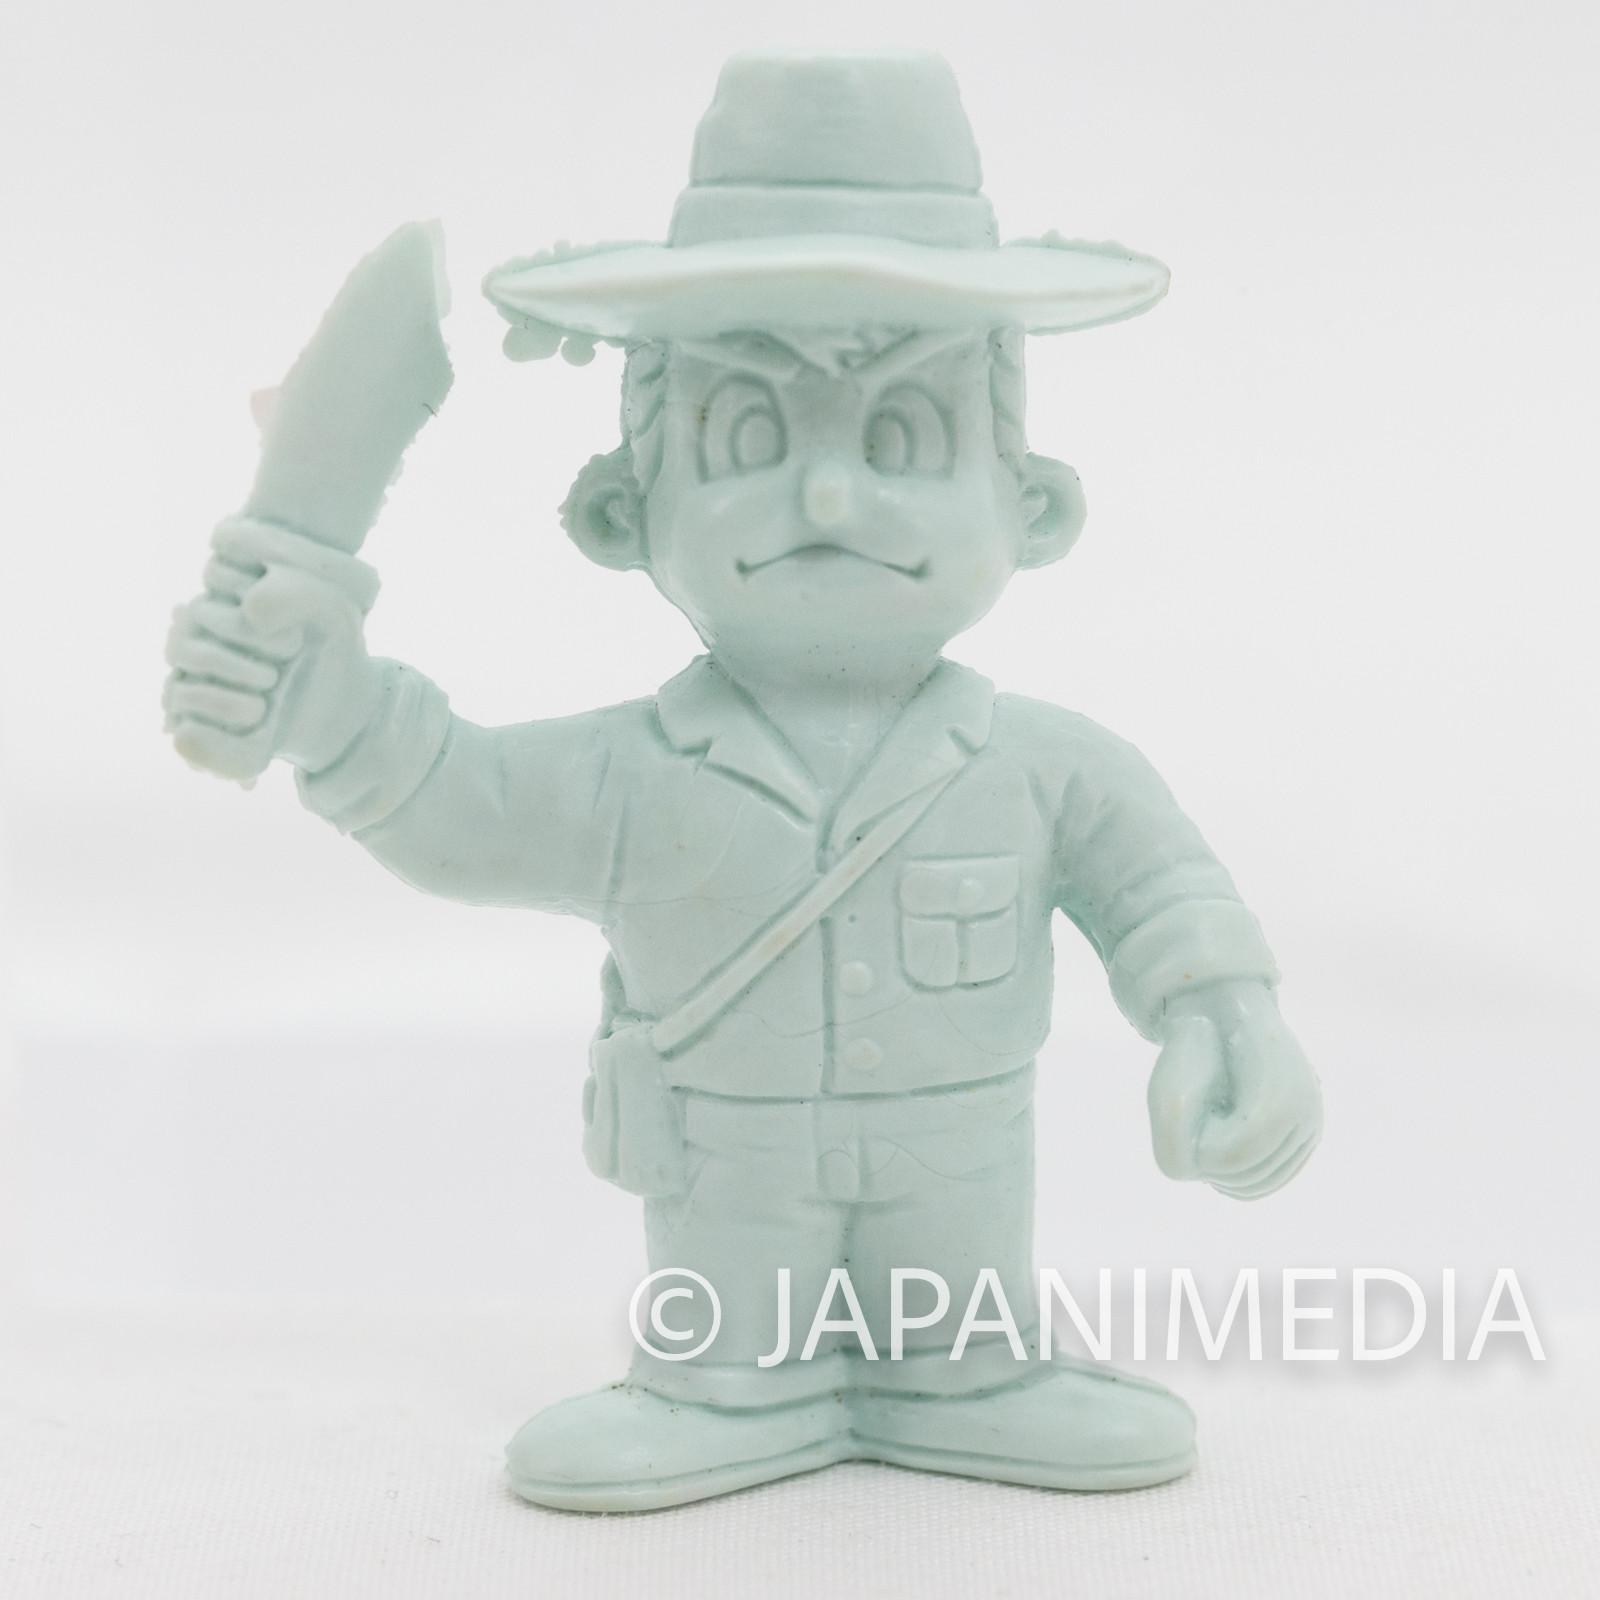 Challenger Rubber Unpainted Figure NES Hudson Soft